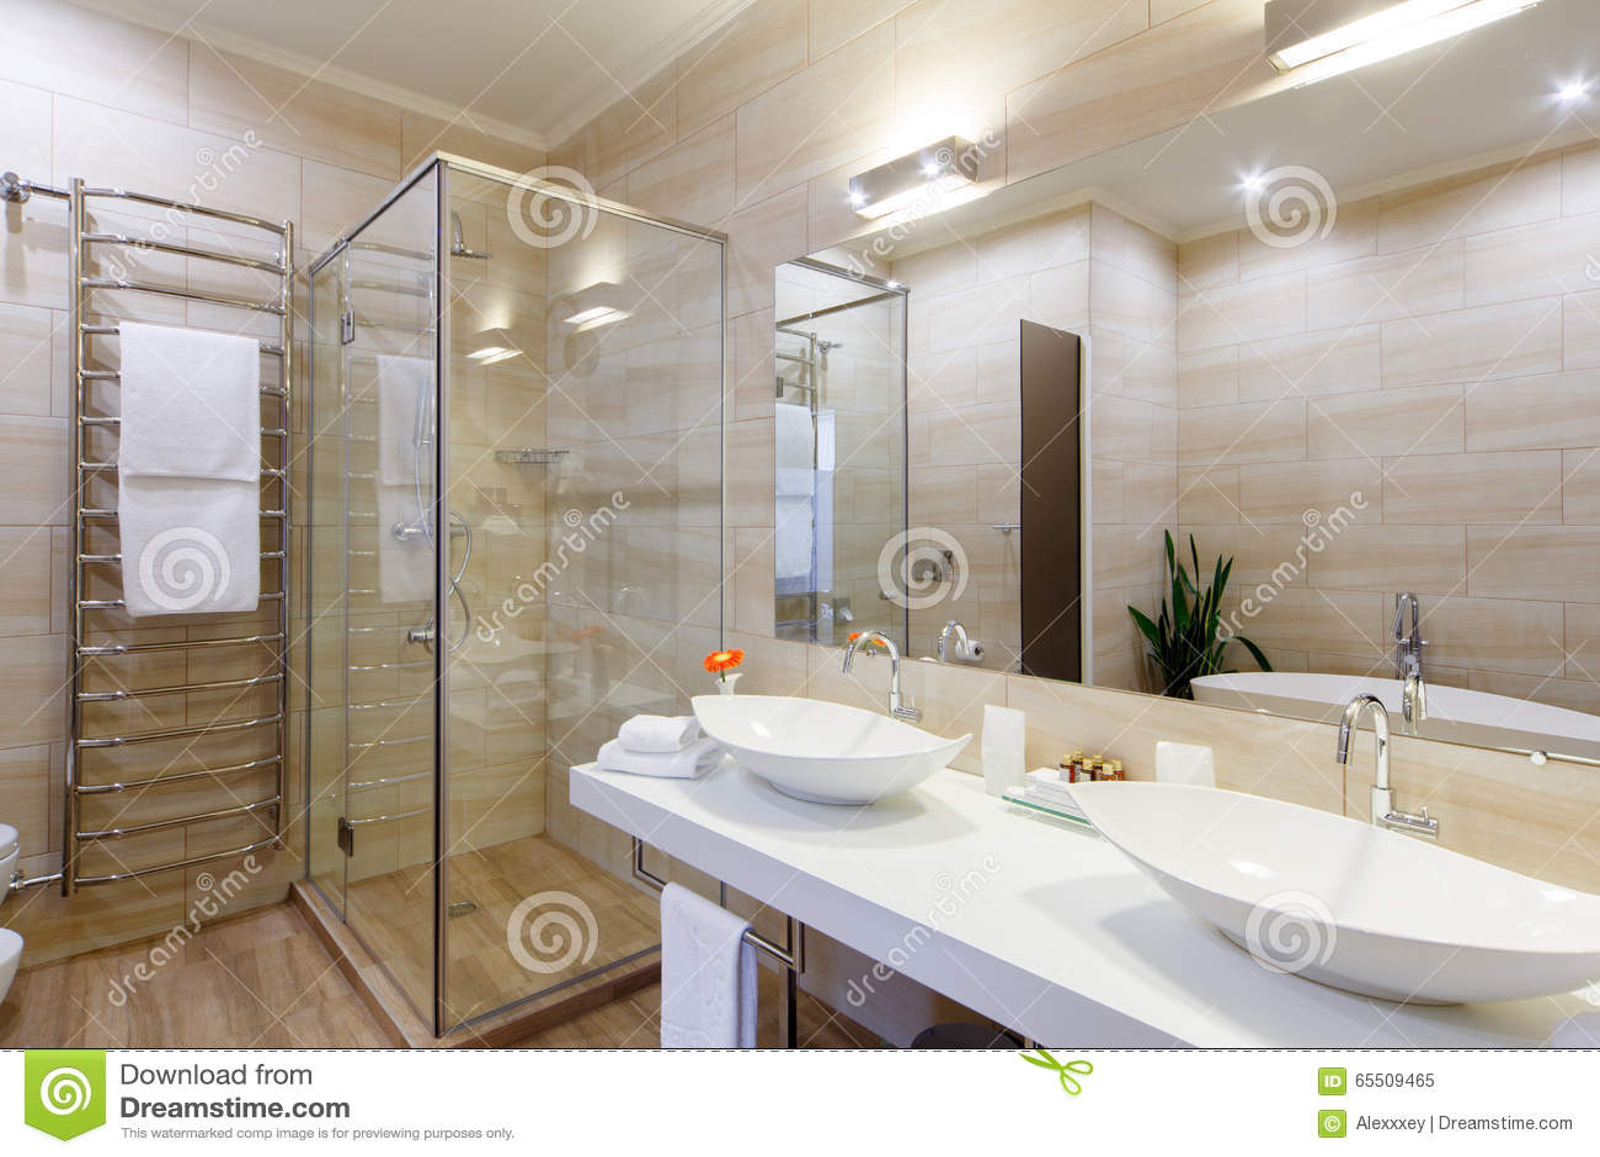 Bagno In Camera Design : Bagno camera tripla bild von varo village hotel marina di